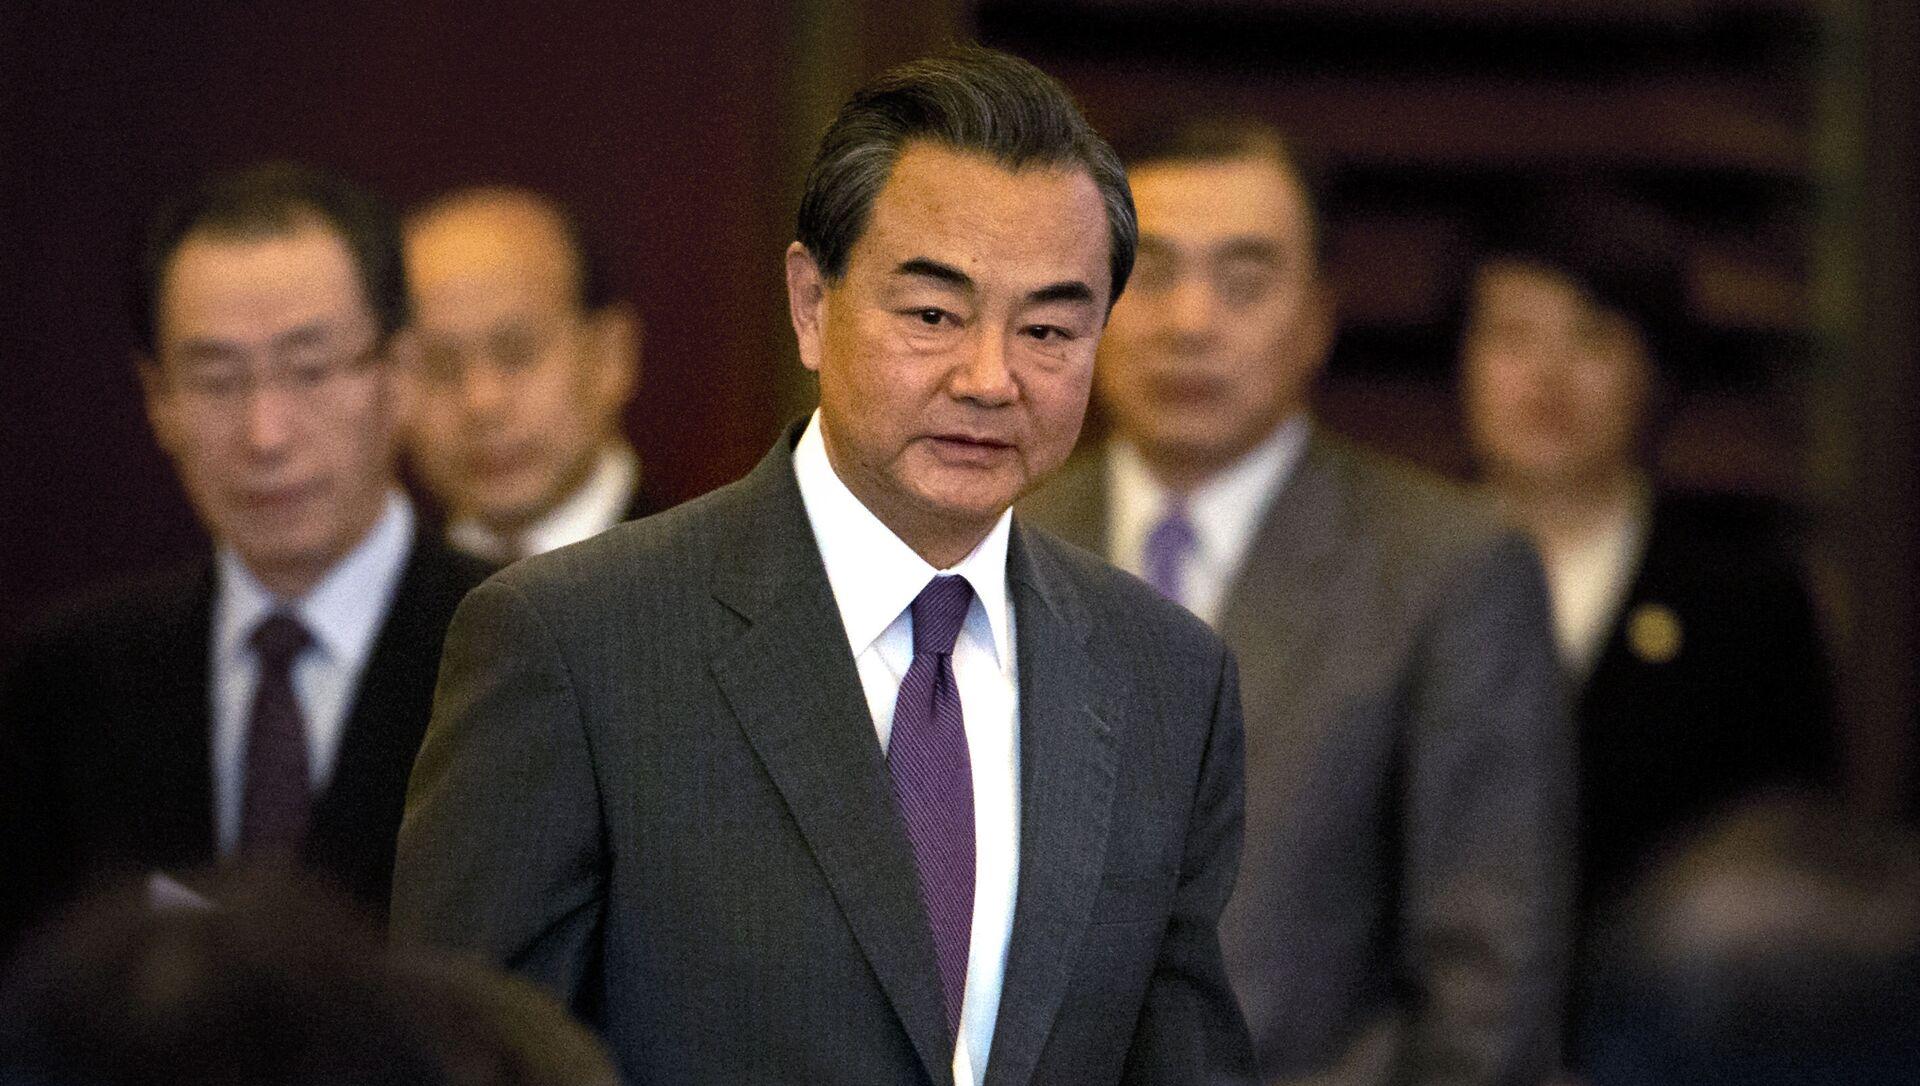 szef MSZ ChRL Wan Yi na uroczystości poświęconej 10-leciu podpisania wspólnego oświadczenia o zasadach denuklearyzacji Półwyspu Koreańskiego  - Sputnik Polska, 1920, 23.03.2021